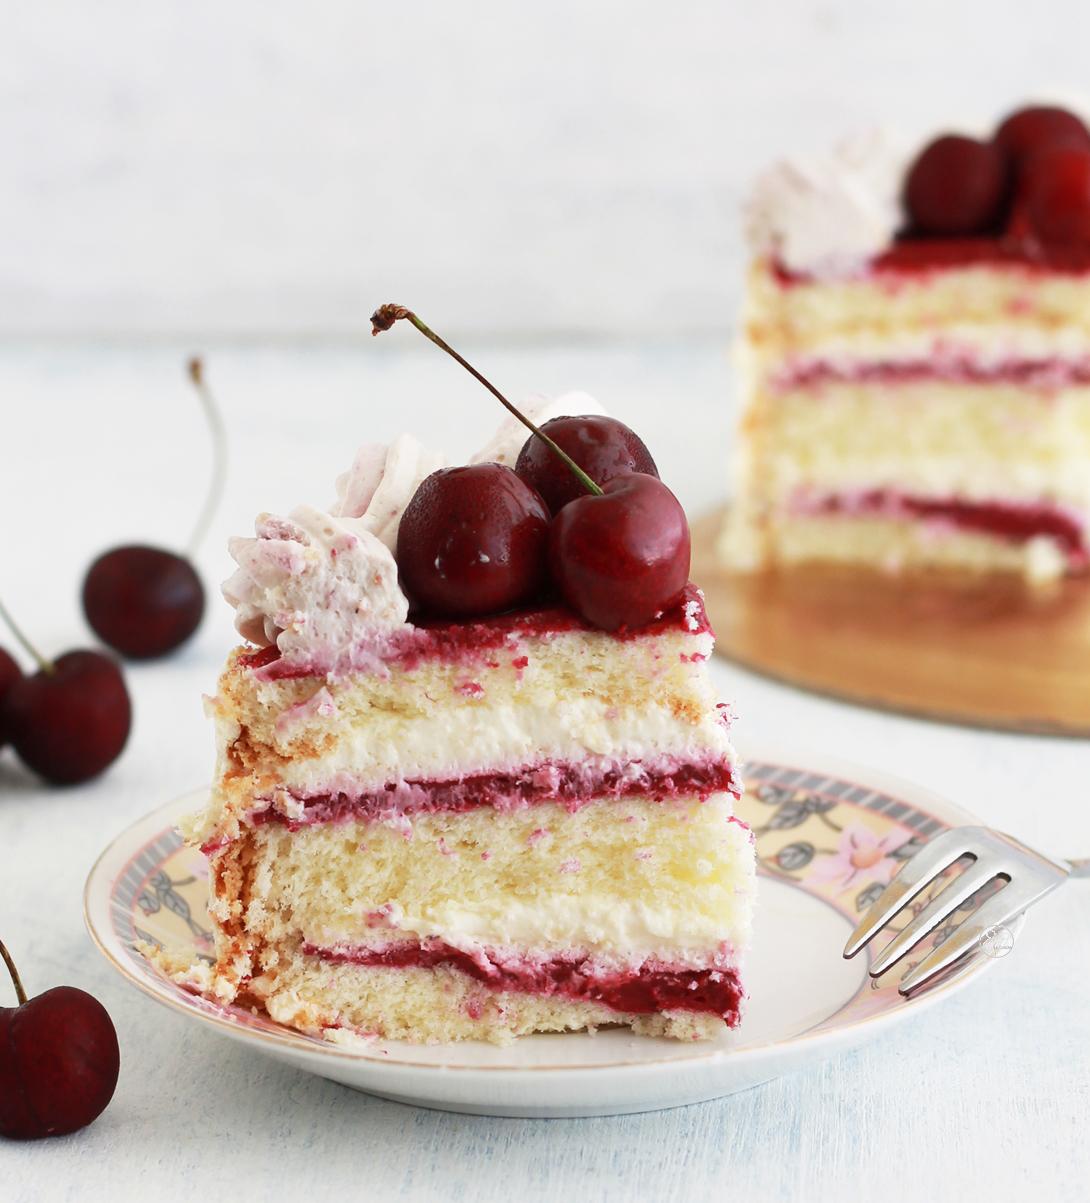 Torta con crema e ciliegie senza glutine - La Cassata Celiaca